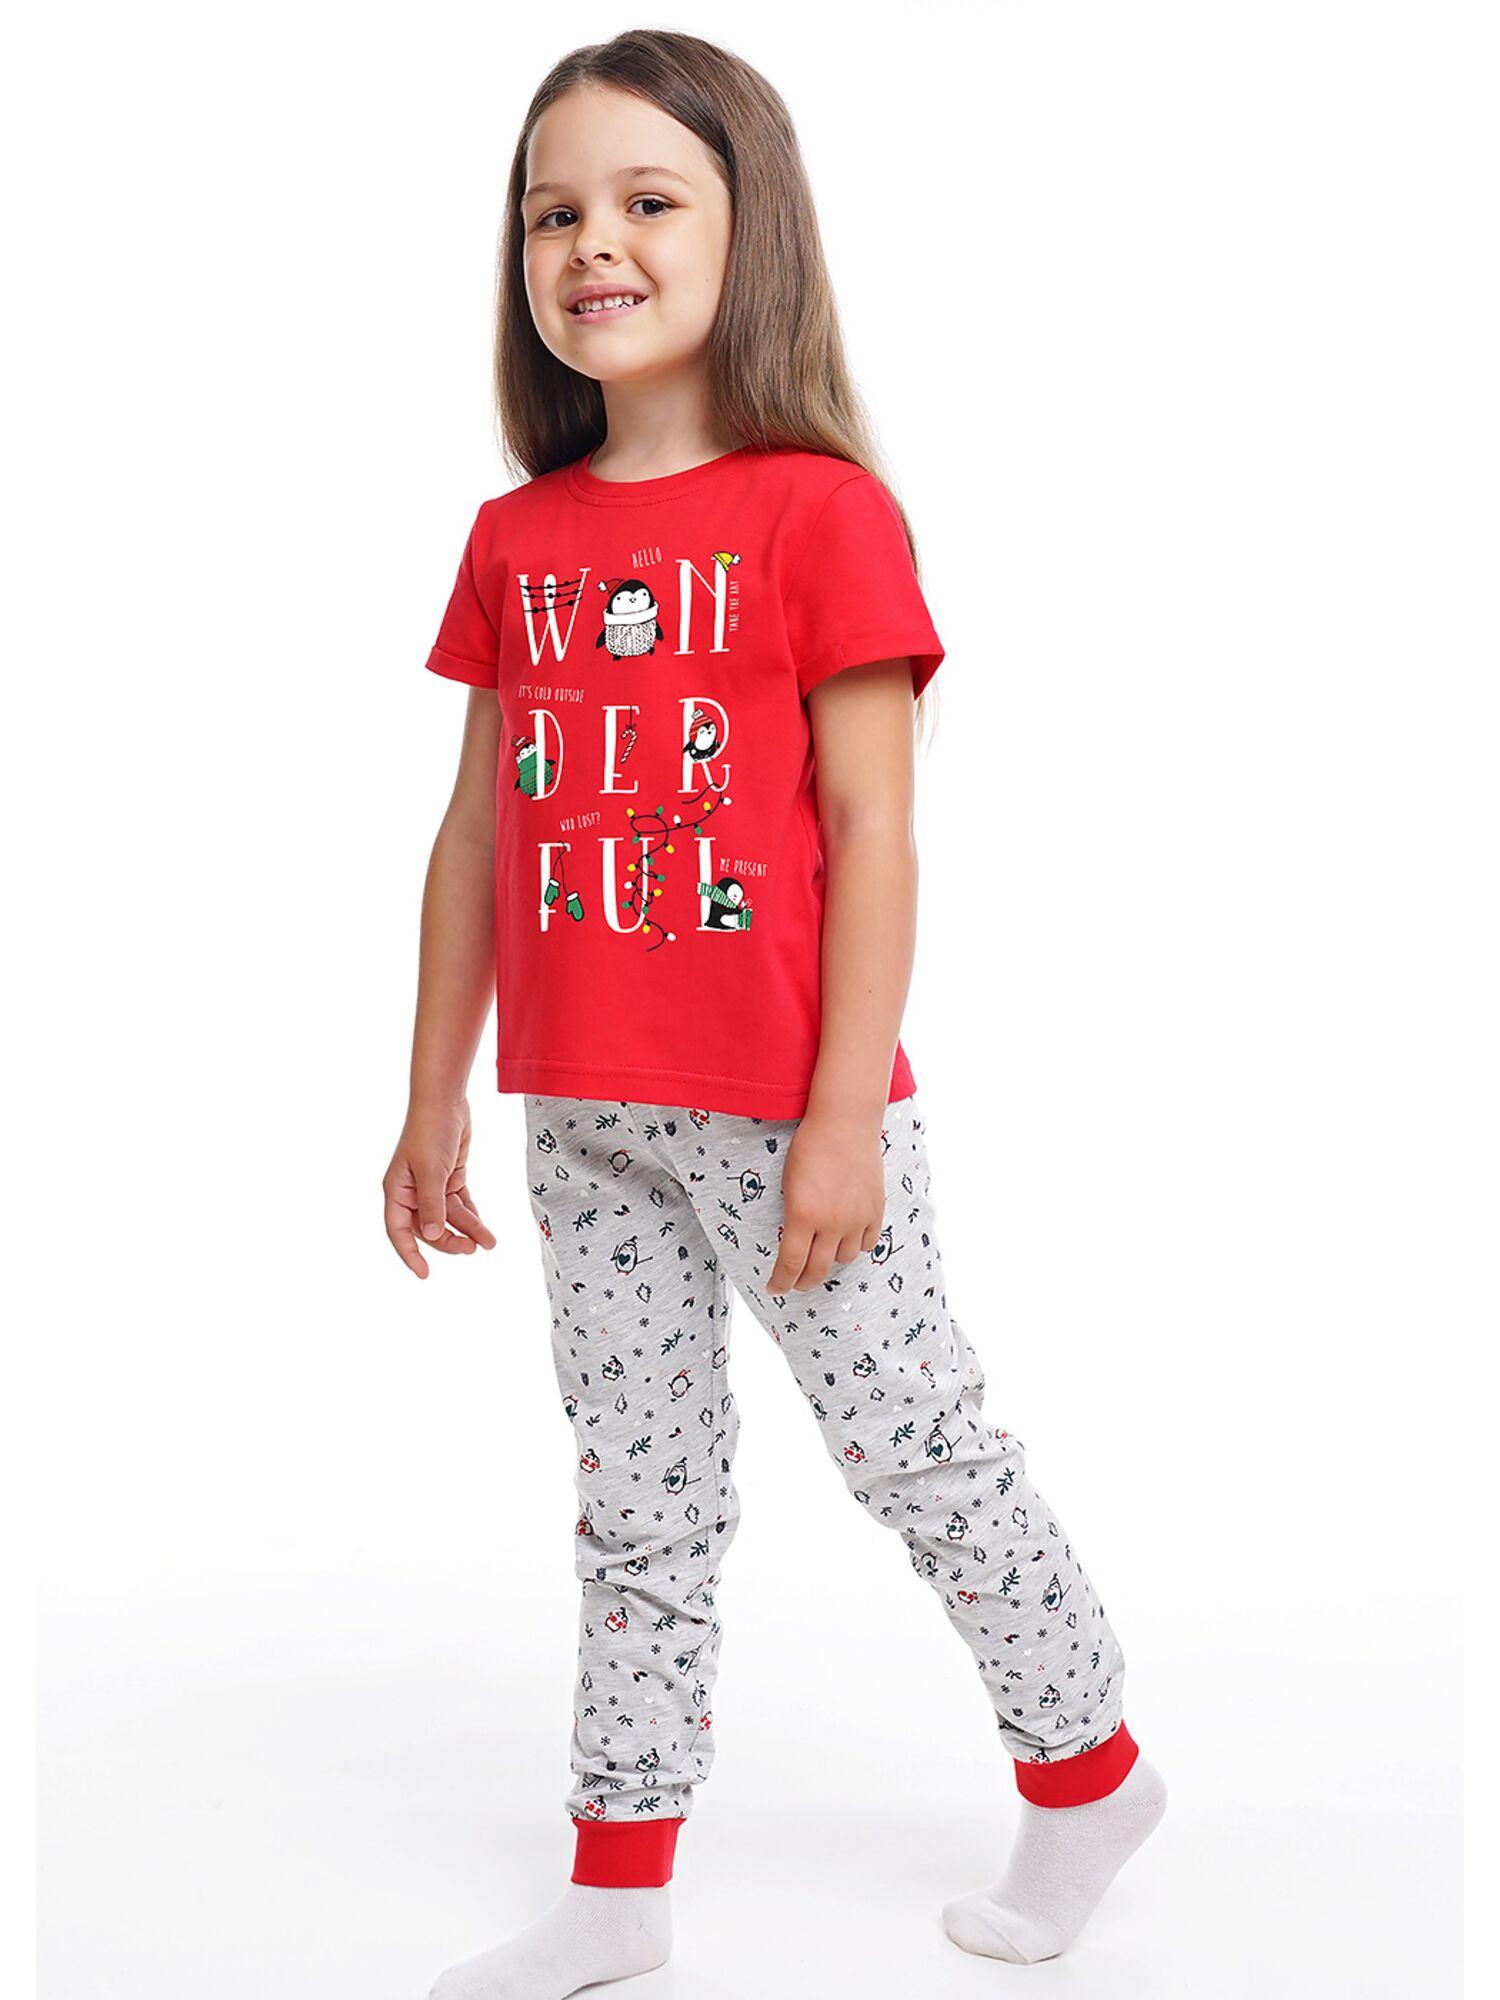 Детская хлопковая пижама для девочки CLE 793515-2/НГ серый/красный, Clever